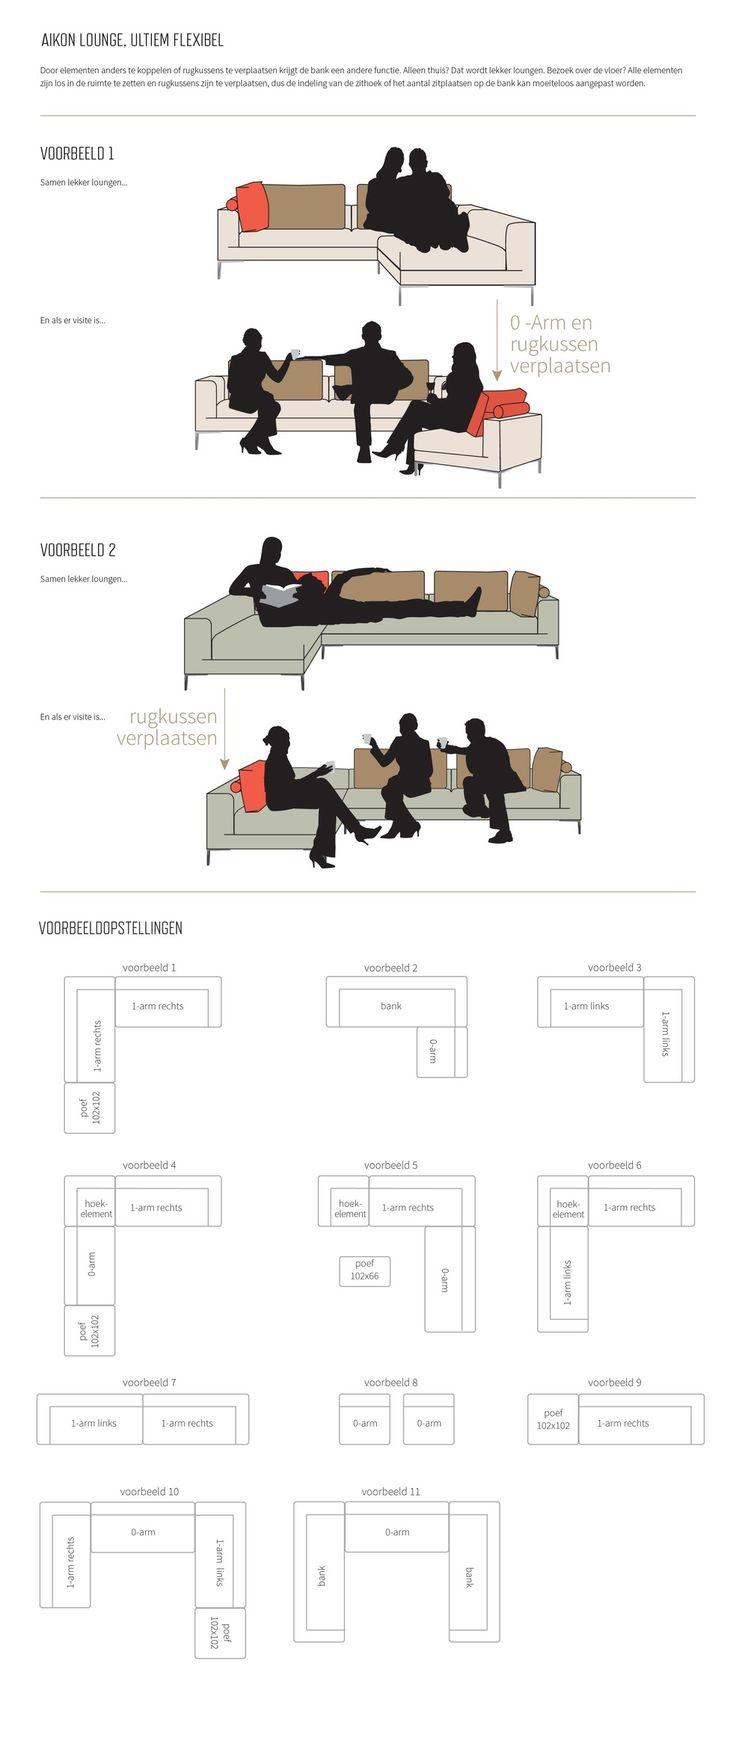 Voorbeeldopstellingen Aikon Lounge